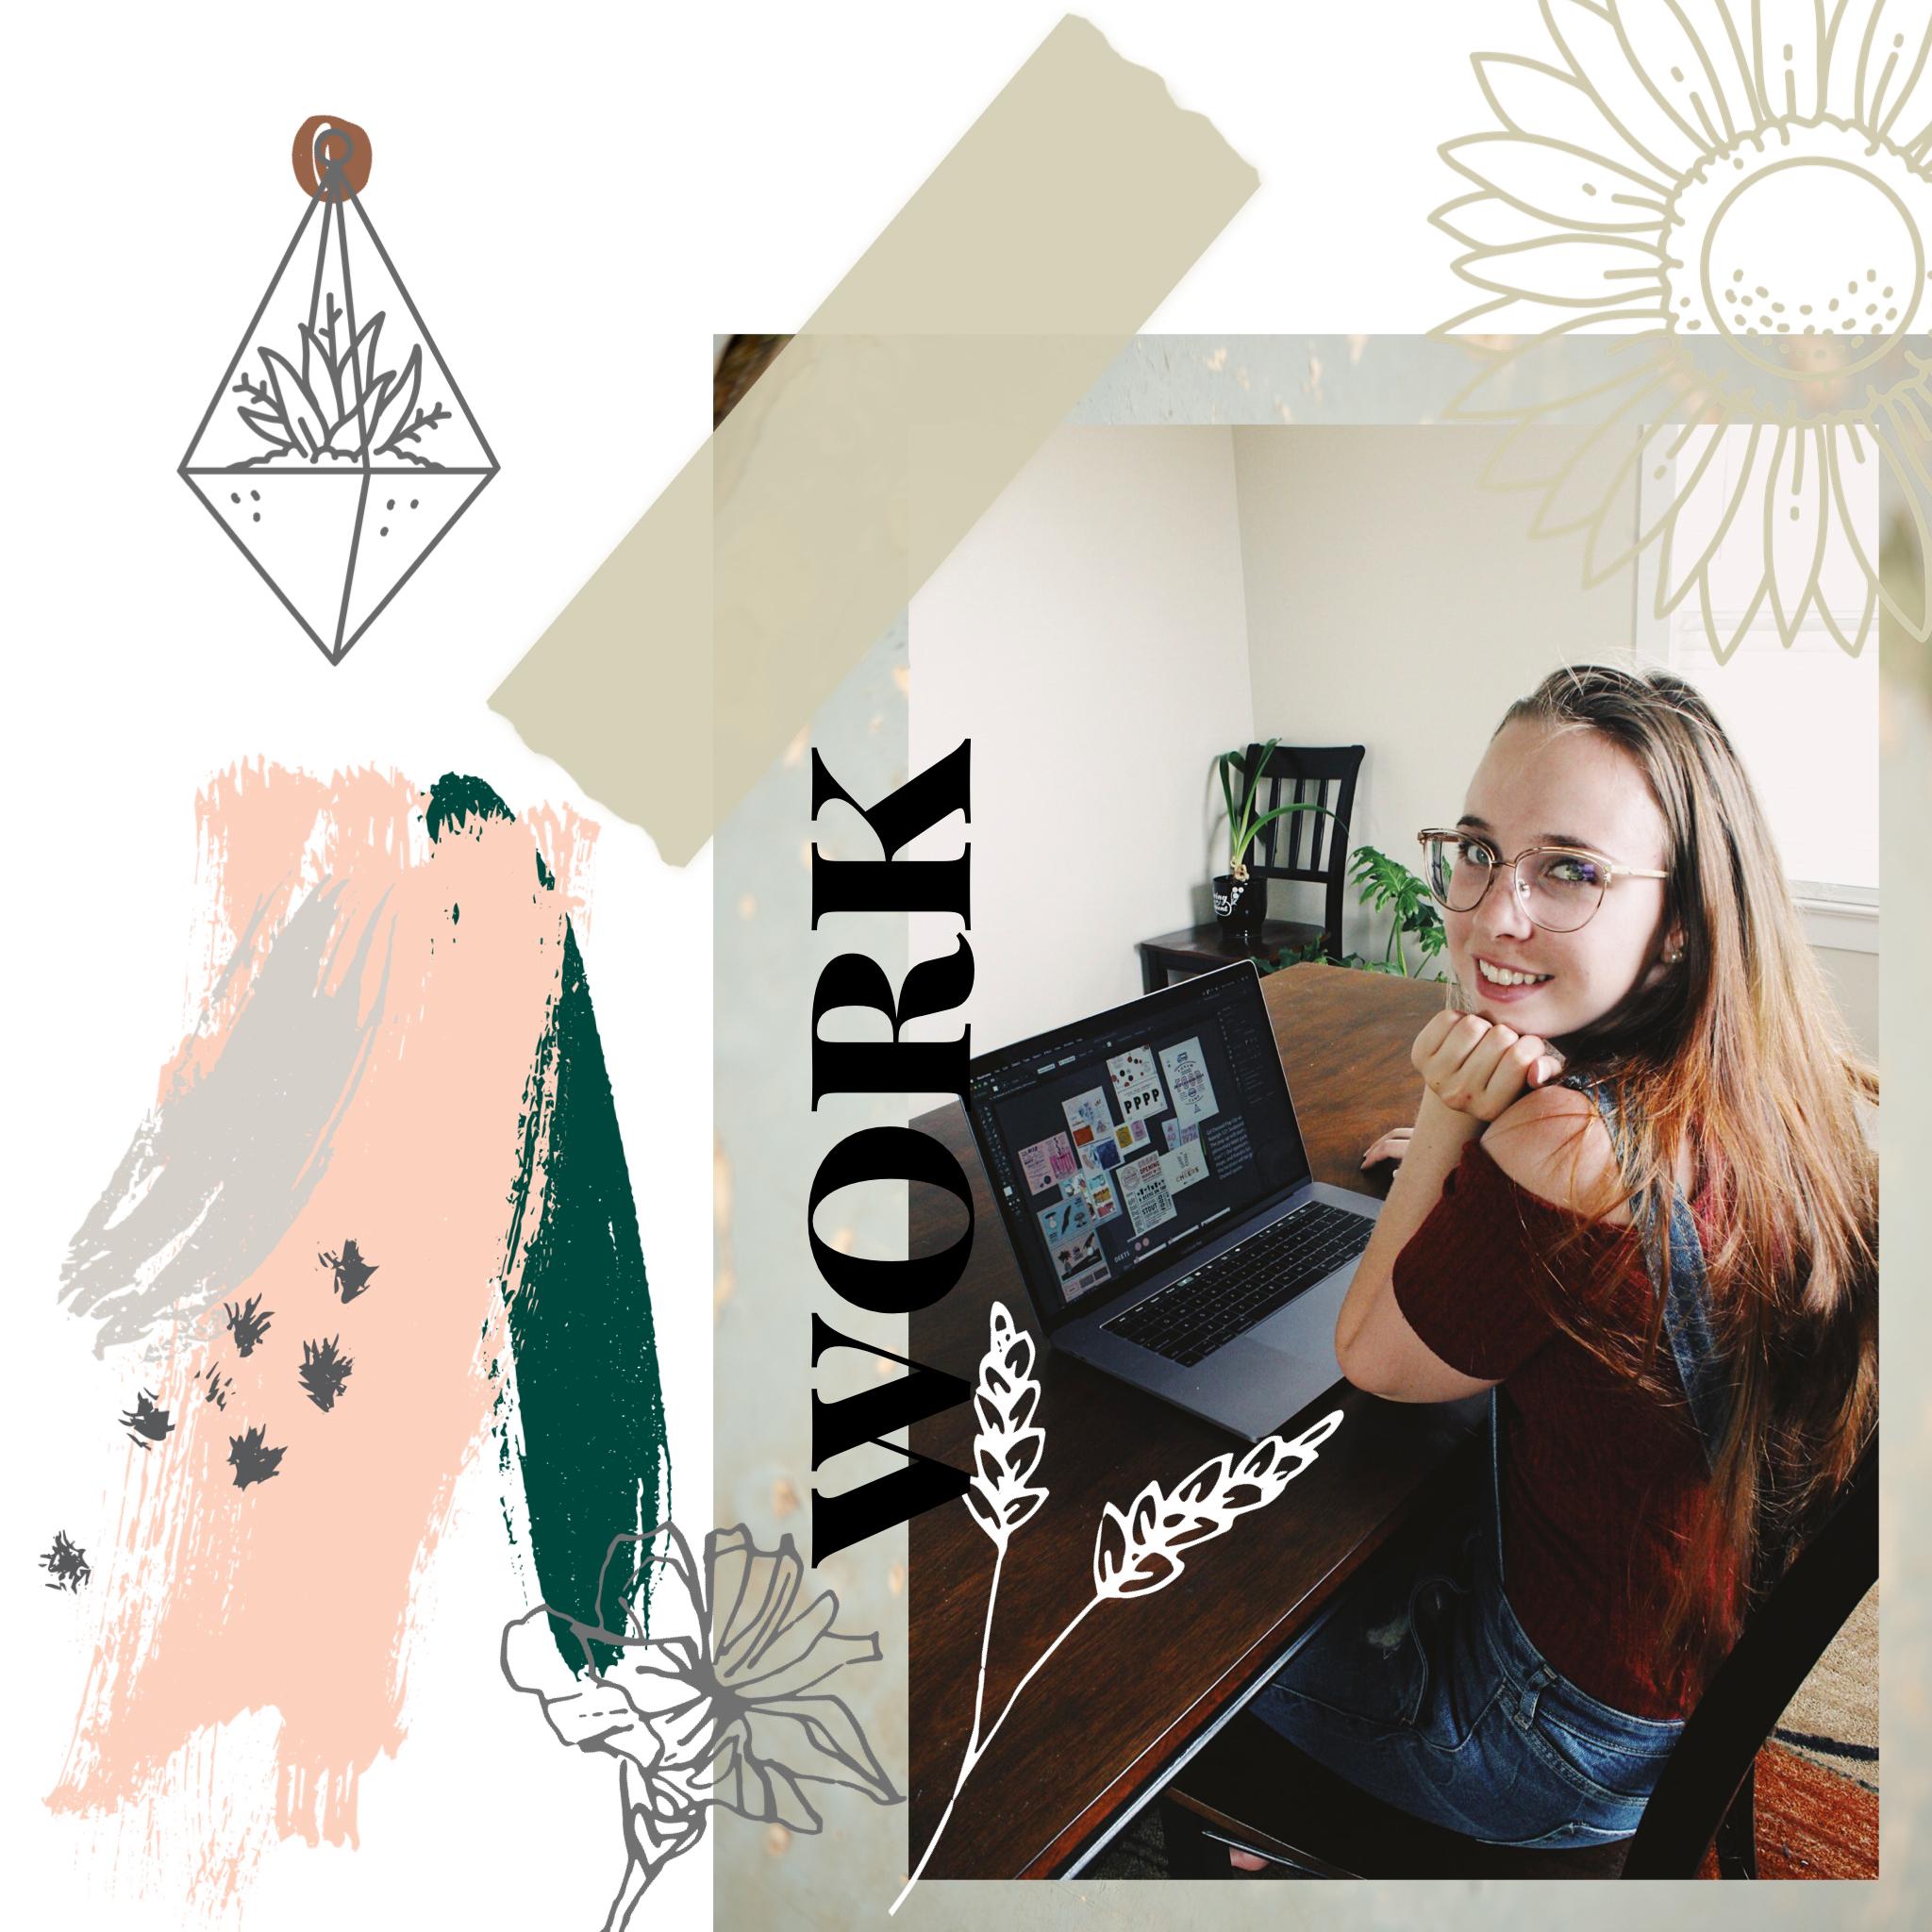 2019 Instagram Collage #collage #instagramtrend #2019instagramtrends #digitalcollage